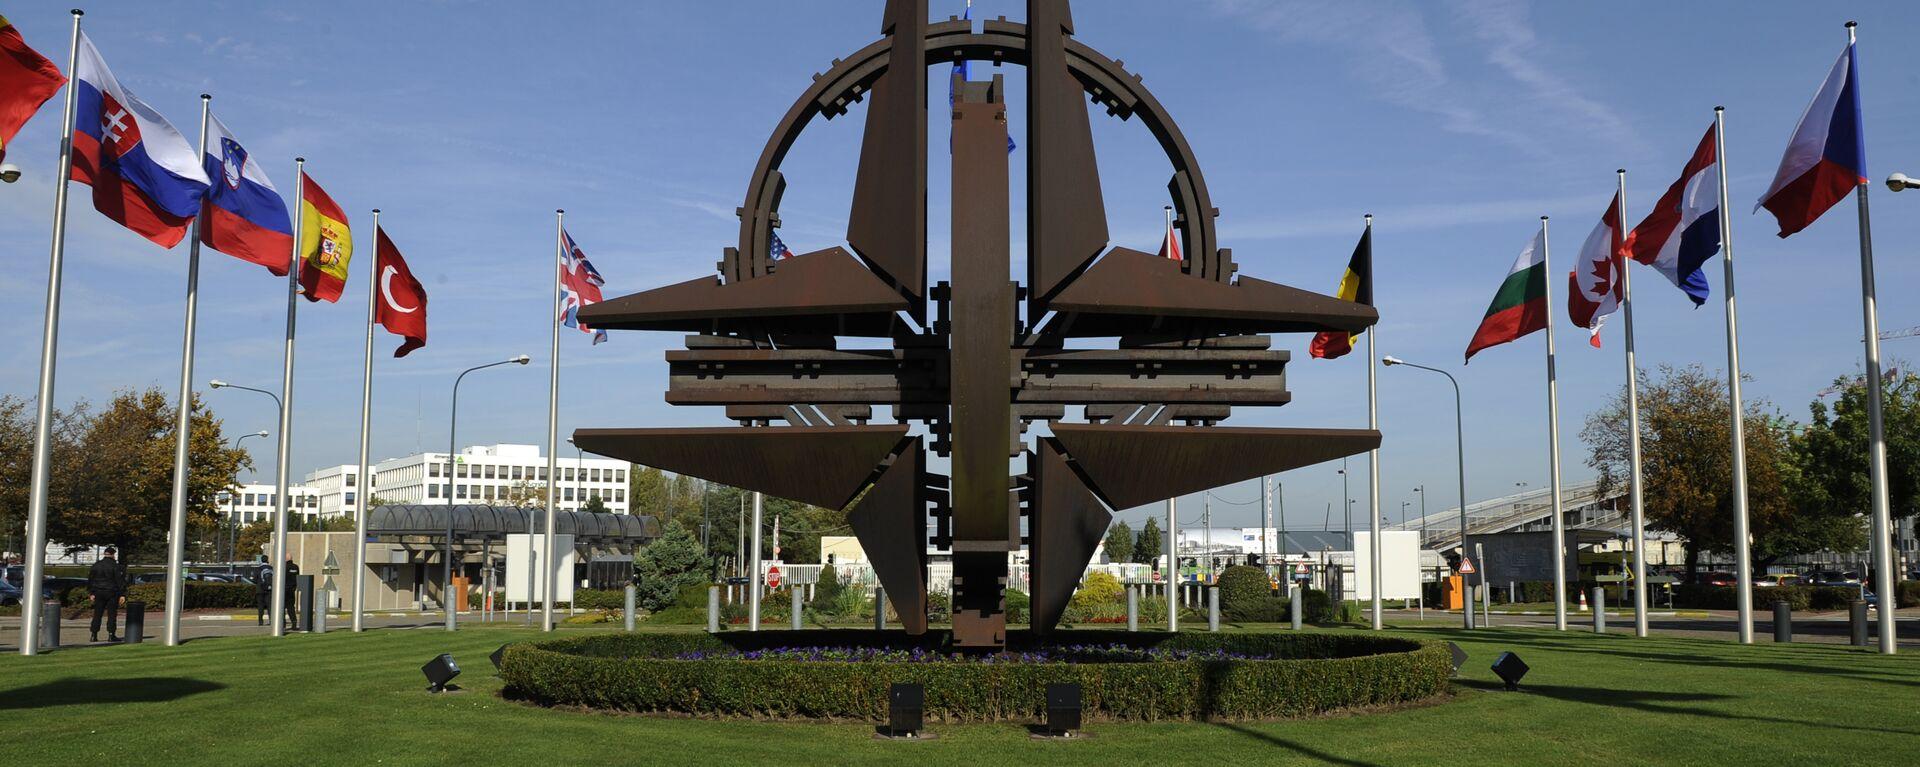 НАТО симбол у Бриселу - Sputnik Србија, 1920, 13.06.2021